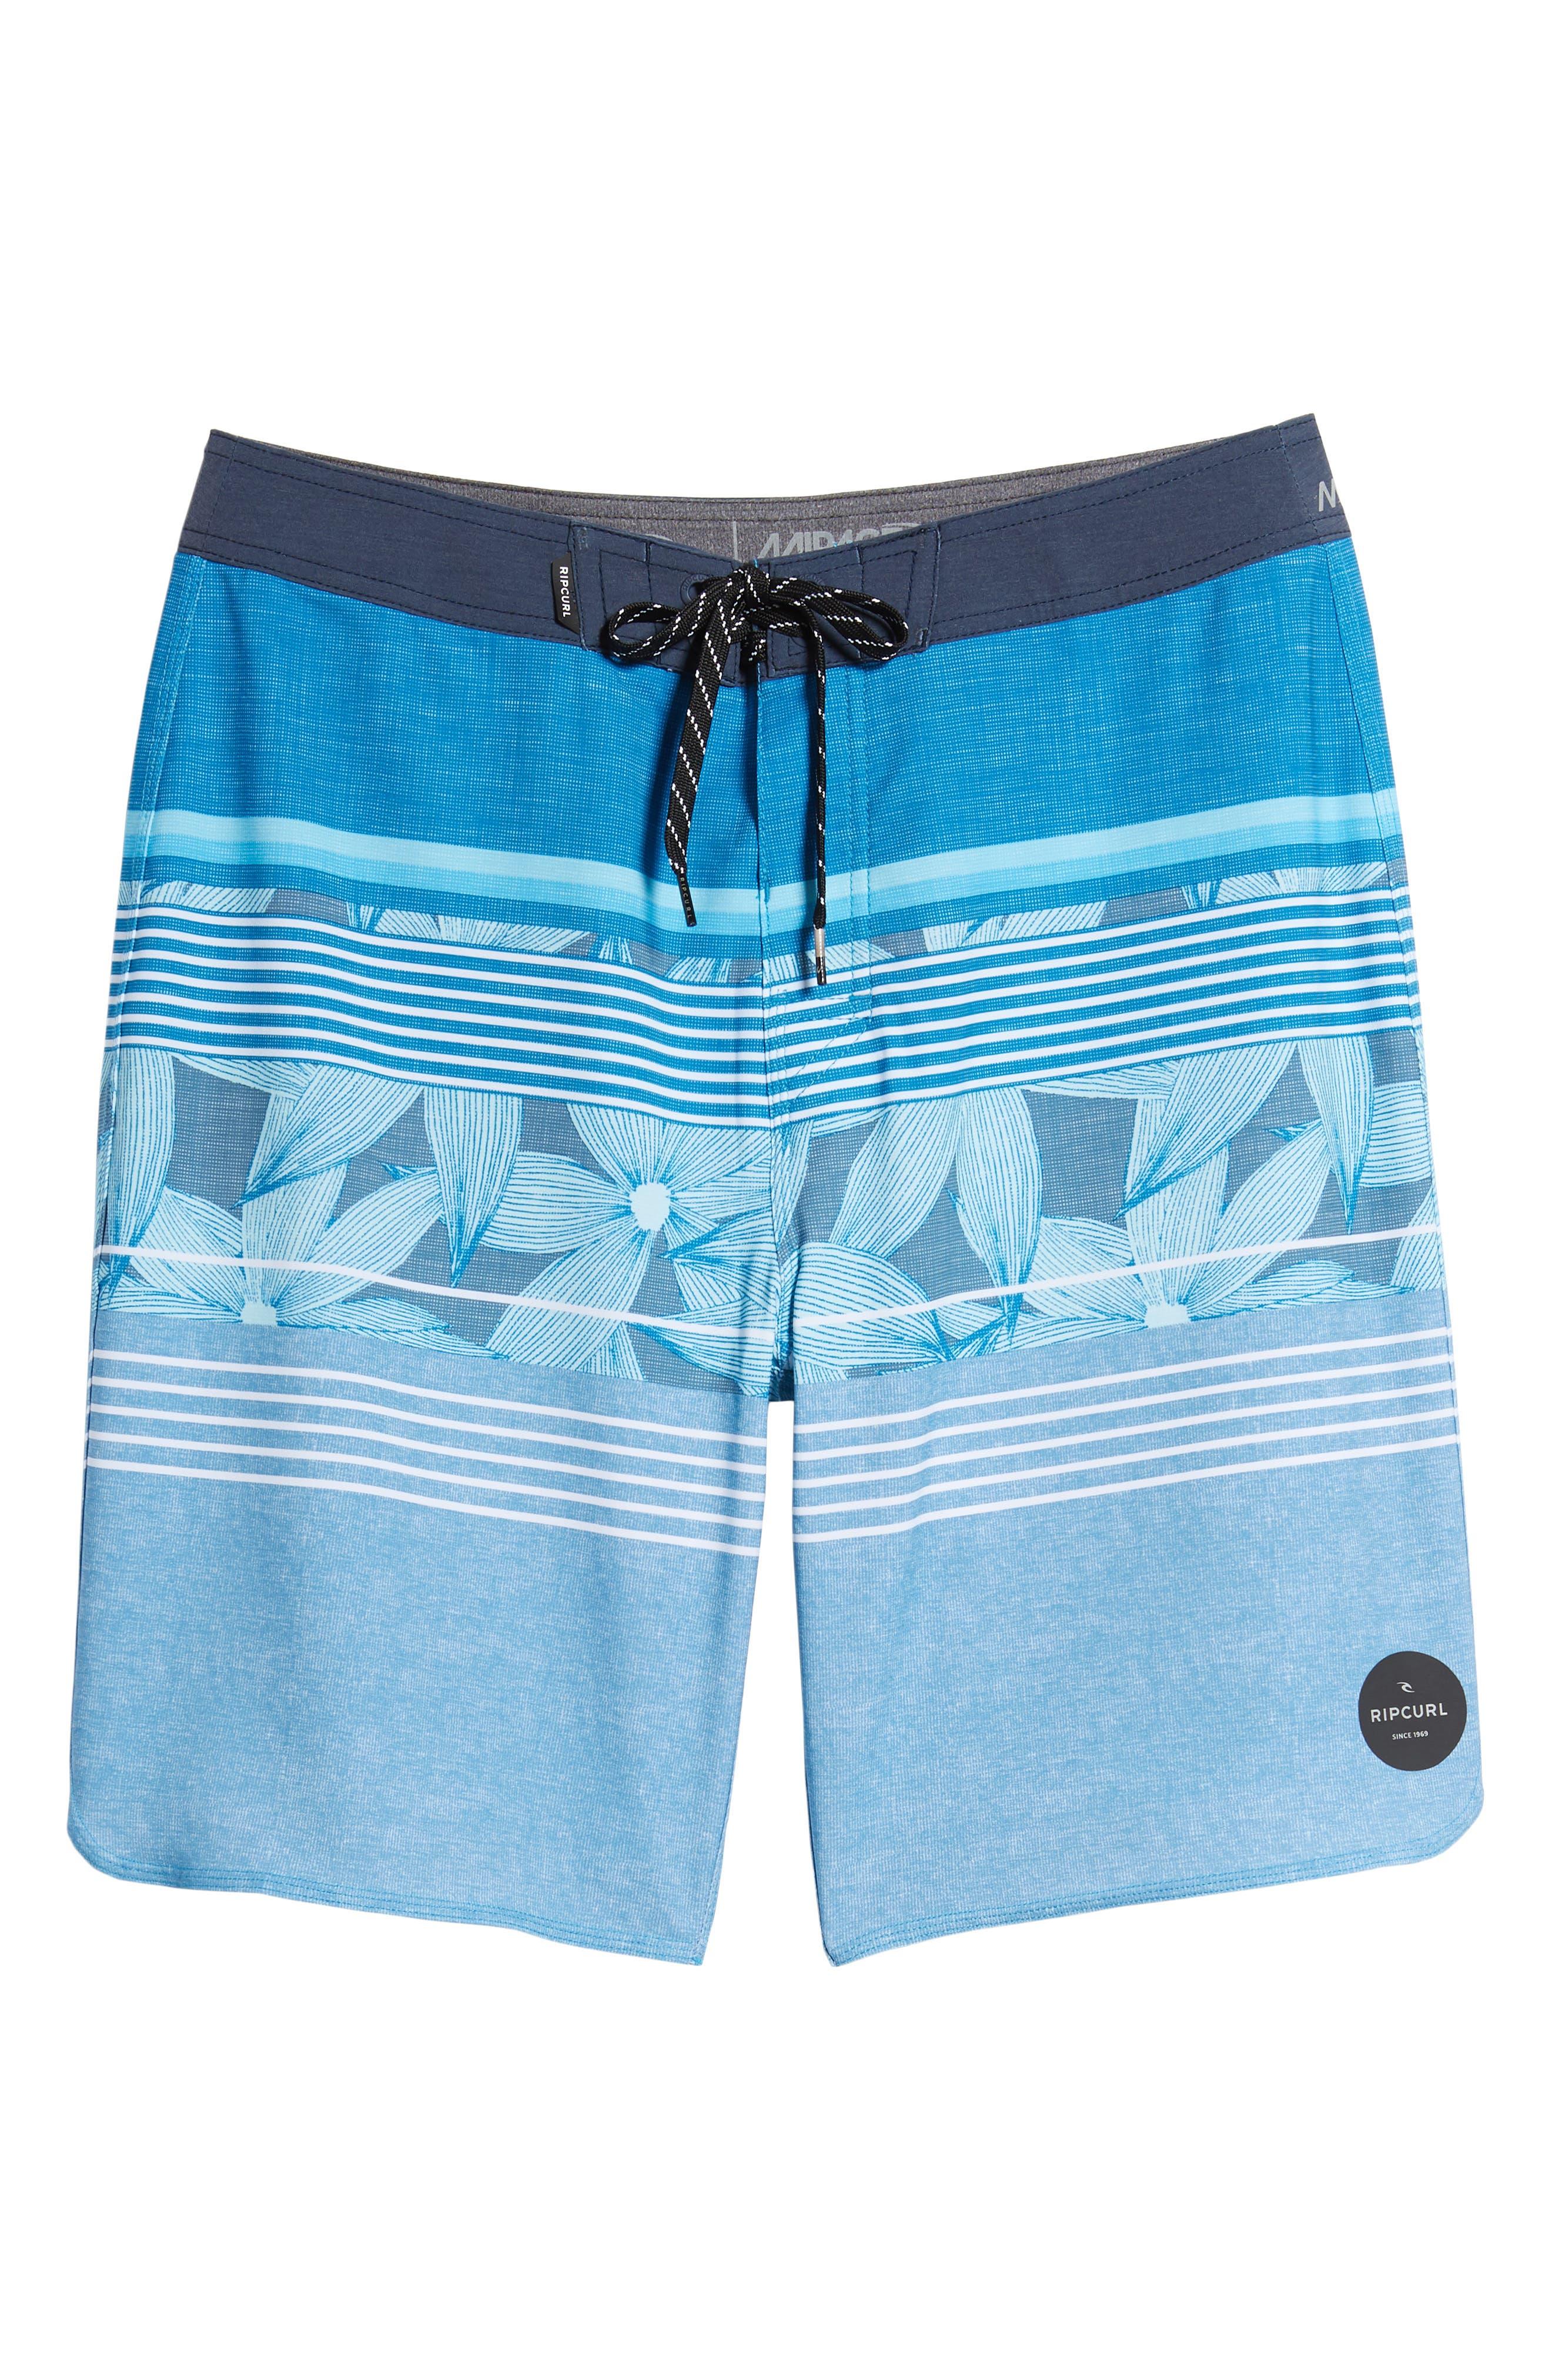 Mirage Shake Up Board Shorts,                             Alternate thumbnail 6, color,                             400